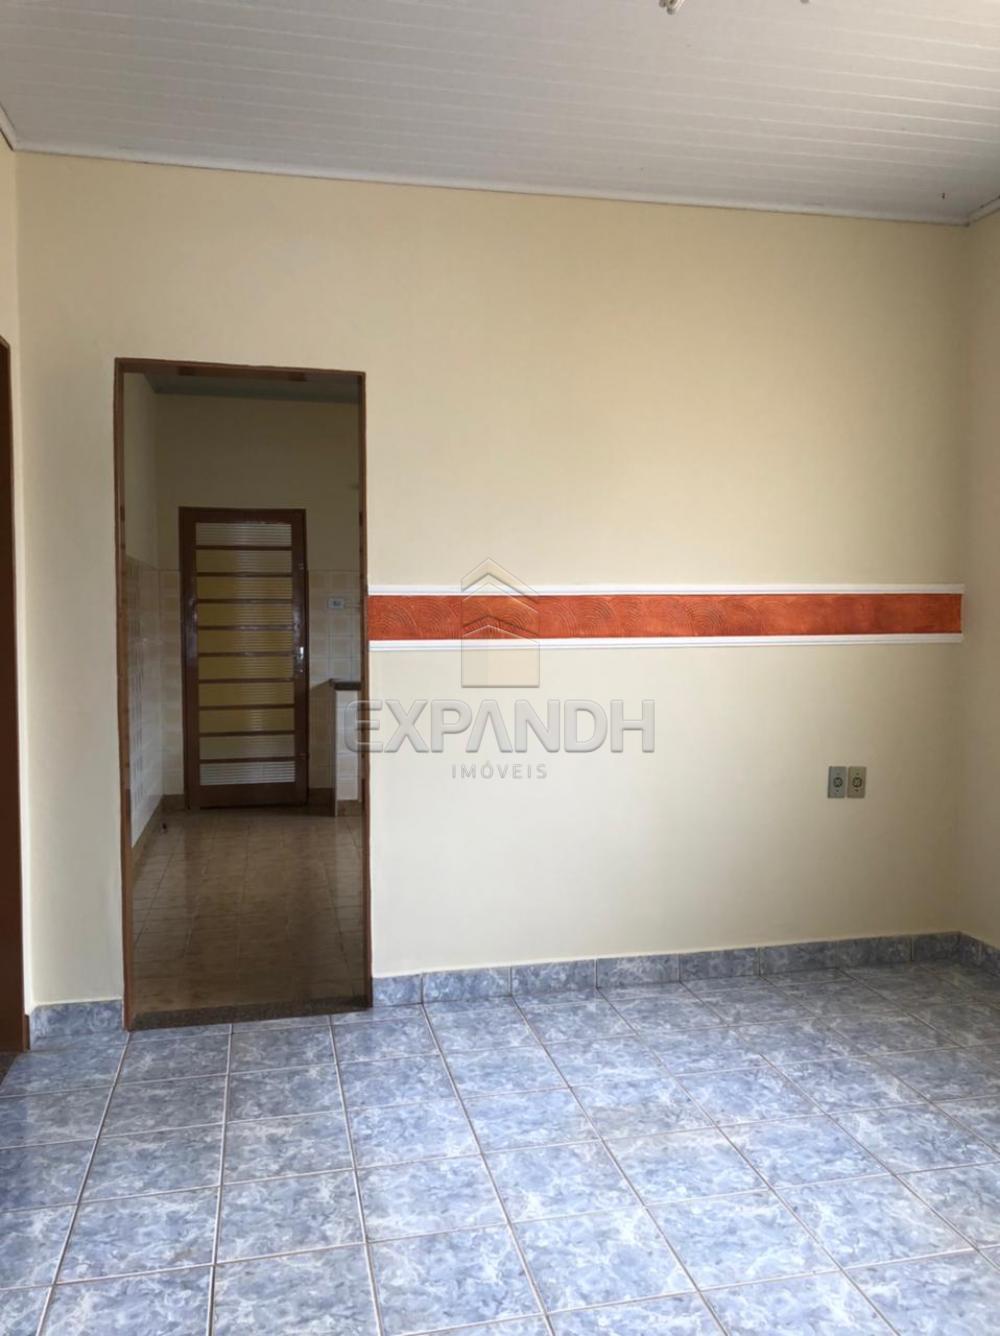 Alugar Casas / Padrão em Sertãozinho R$ 925,00 - Foto 3